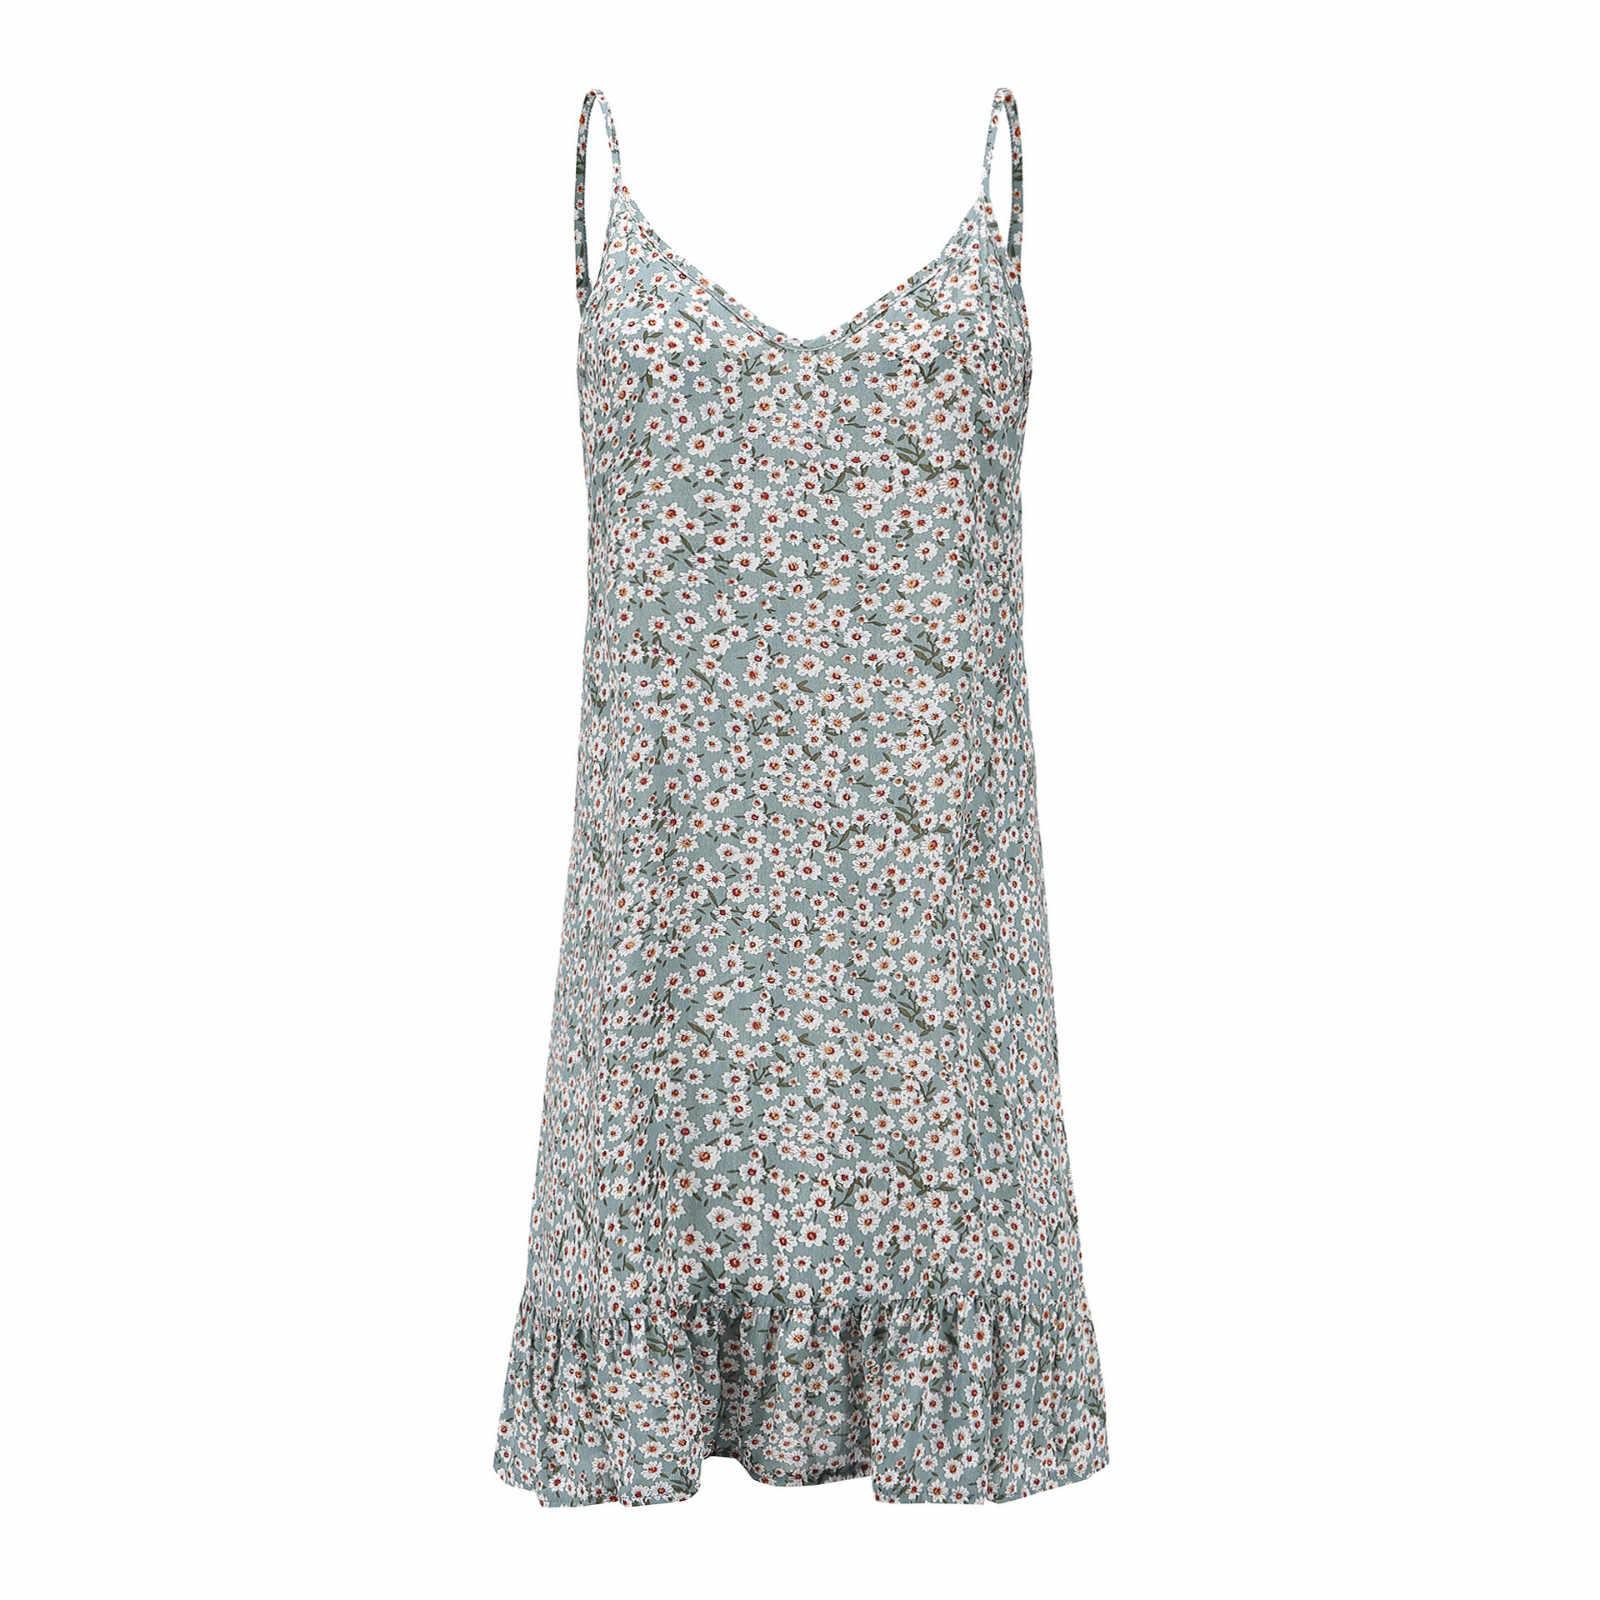 Mode été Boho imprimer courte Mini robe robe de princesse lâche sans manches décontracté robe de plage femmes robe de soirée Vestido de festa